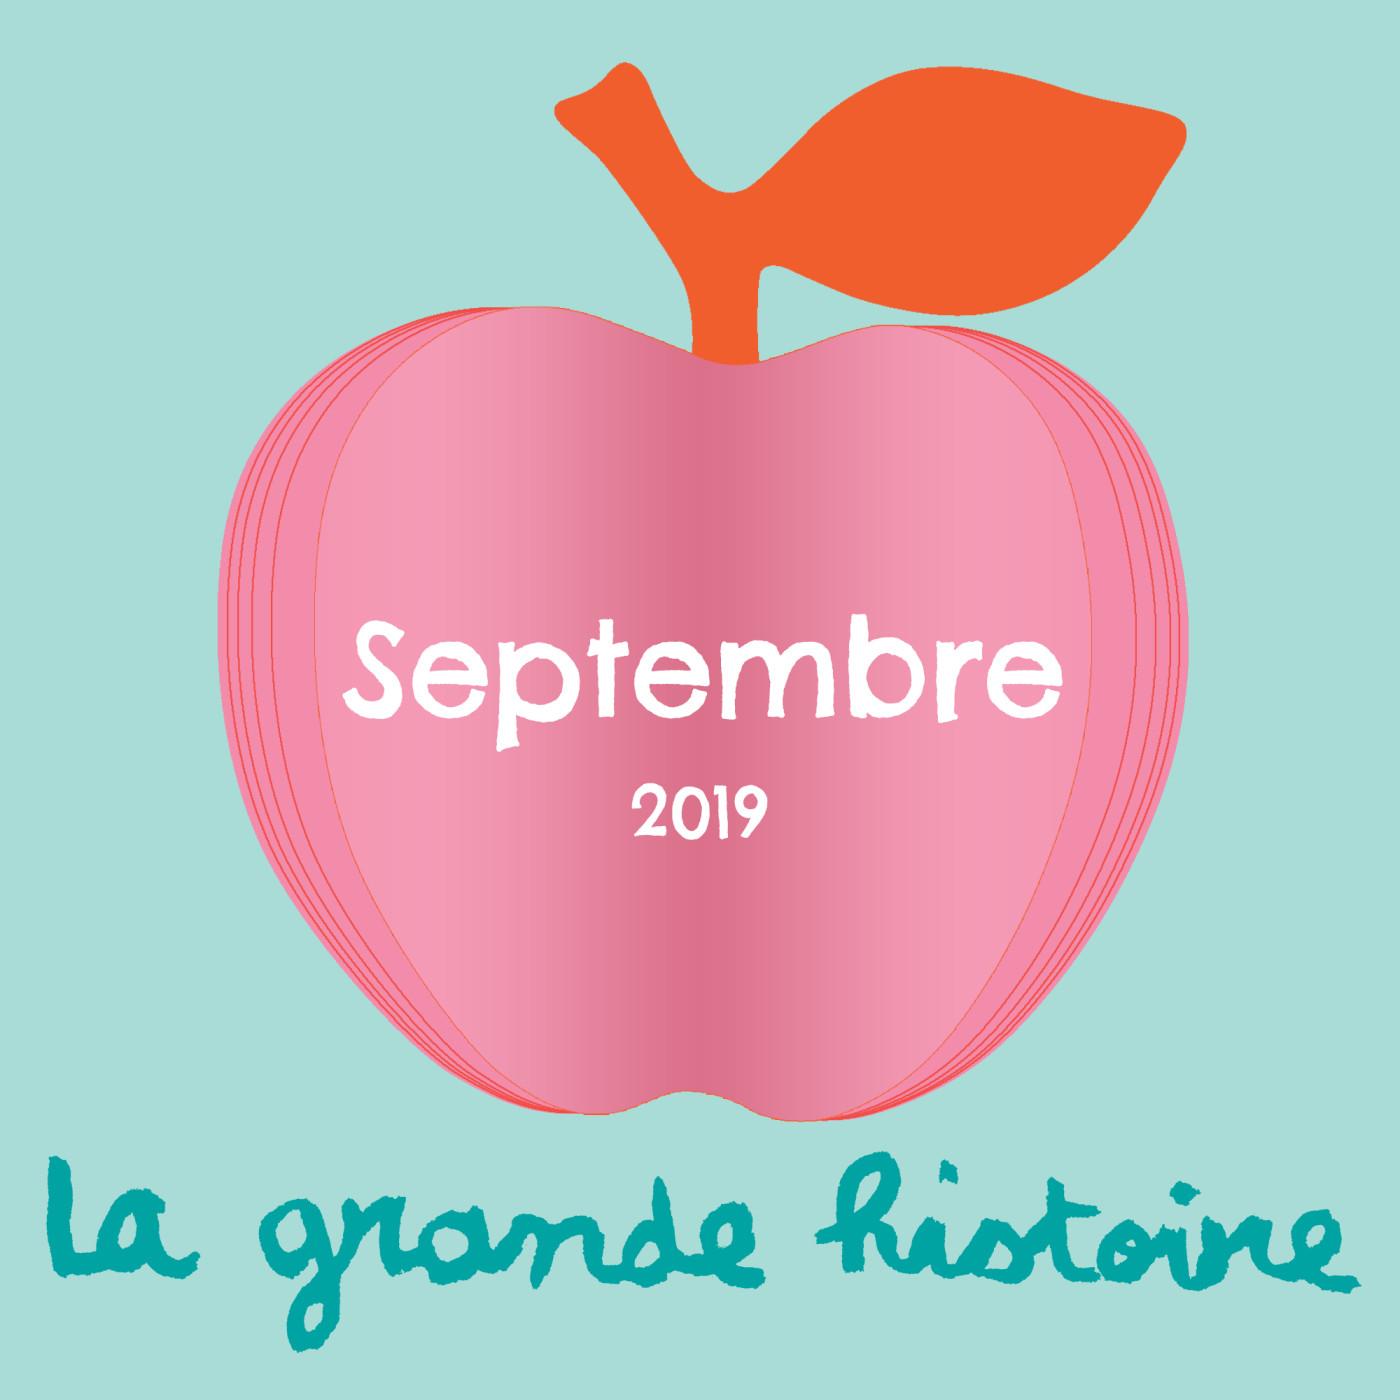 Septembre 2019 - Mini Poucette et l'ogre Farfalle